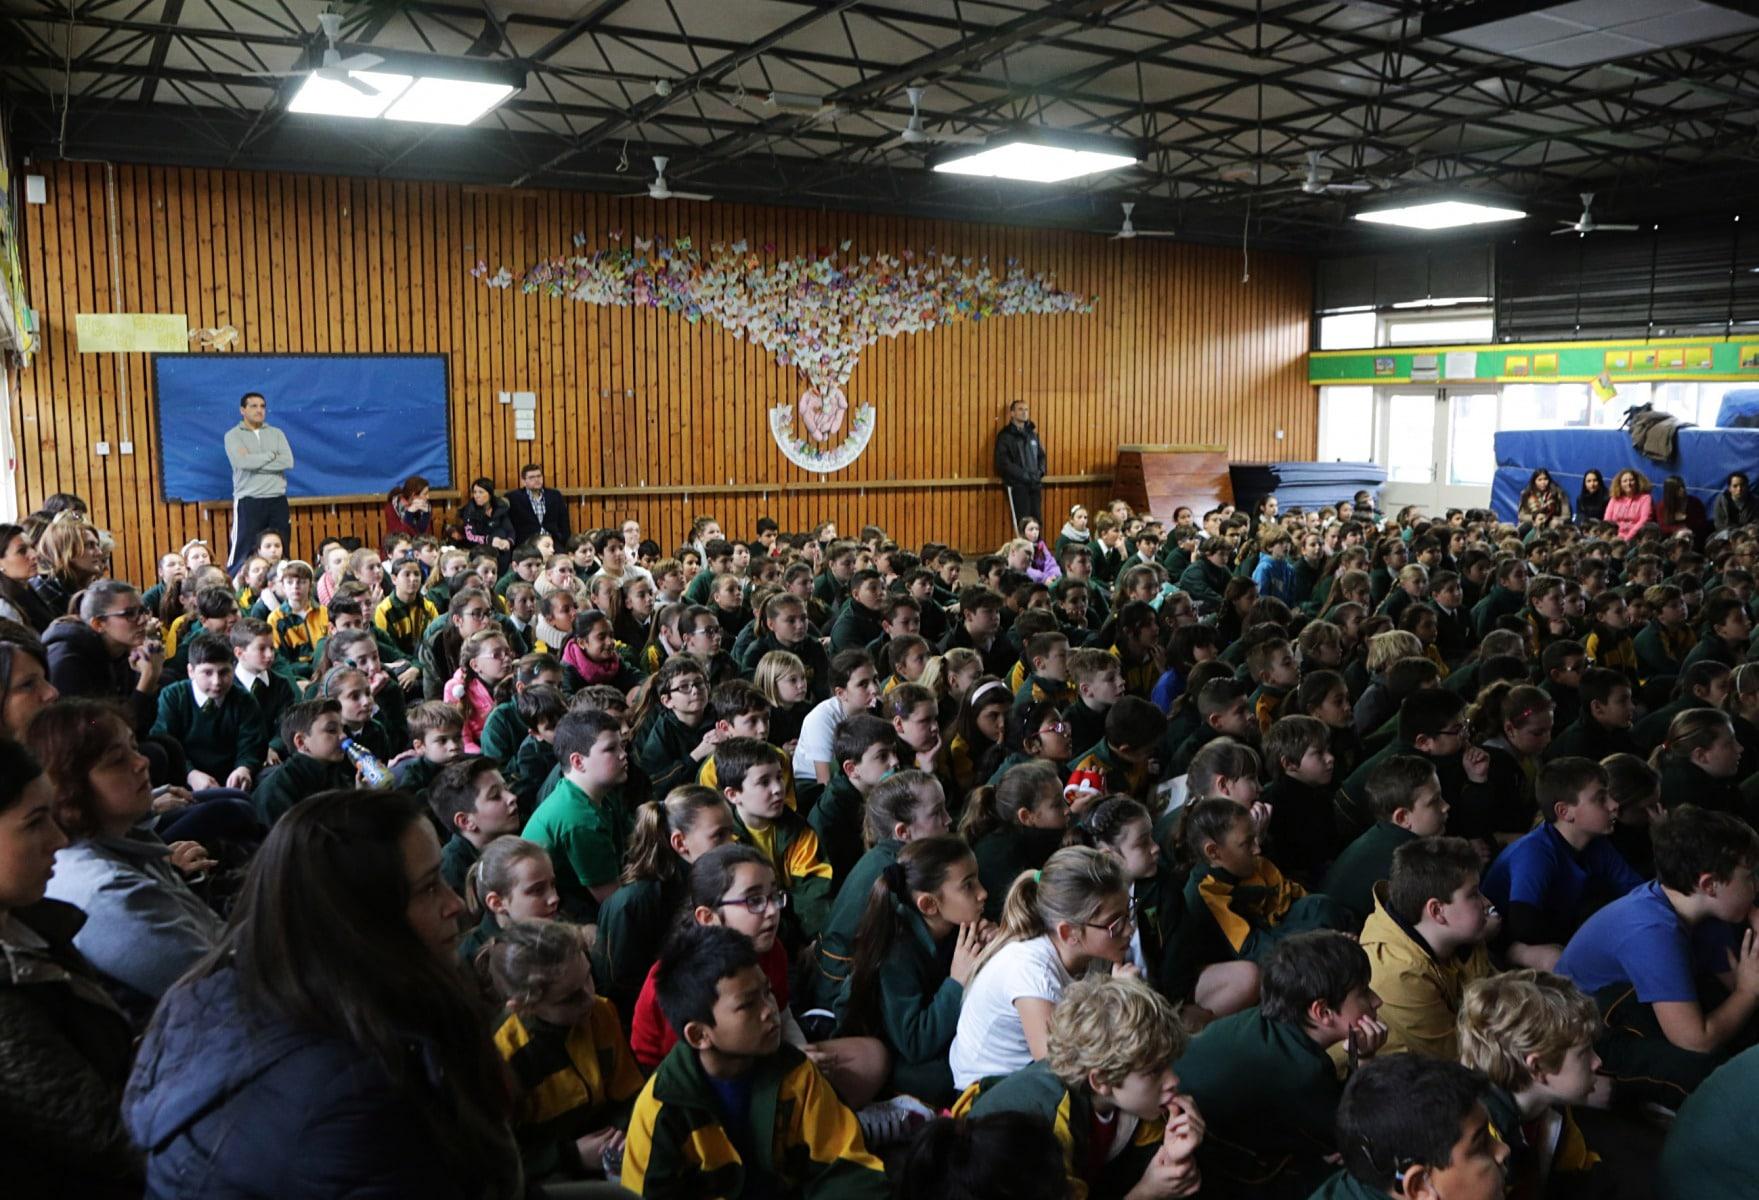 27-ene-17-alumnos-de-la-escuela-obispo-fitzgerald-de-gibraltar-conmemoran-el-holocausto_31742372693_o